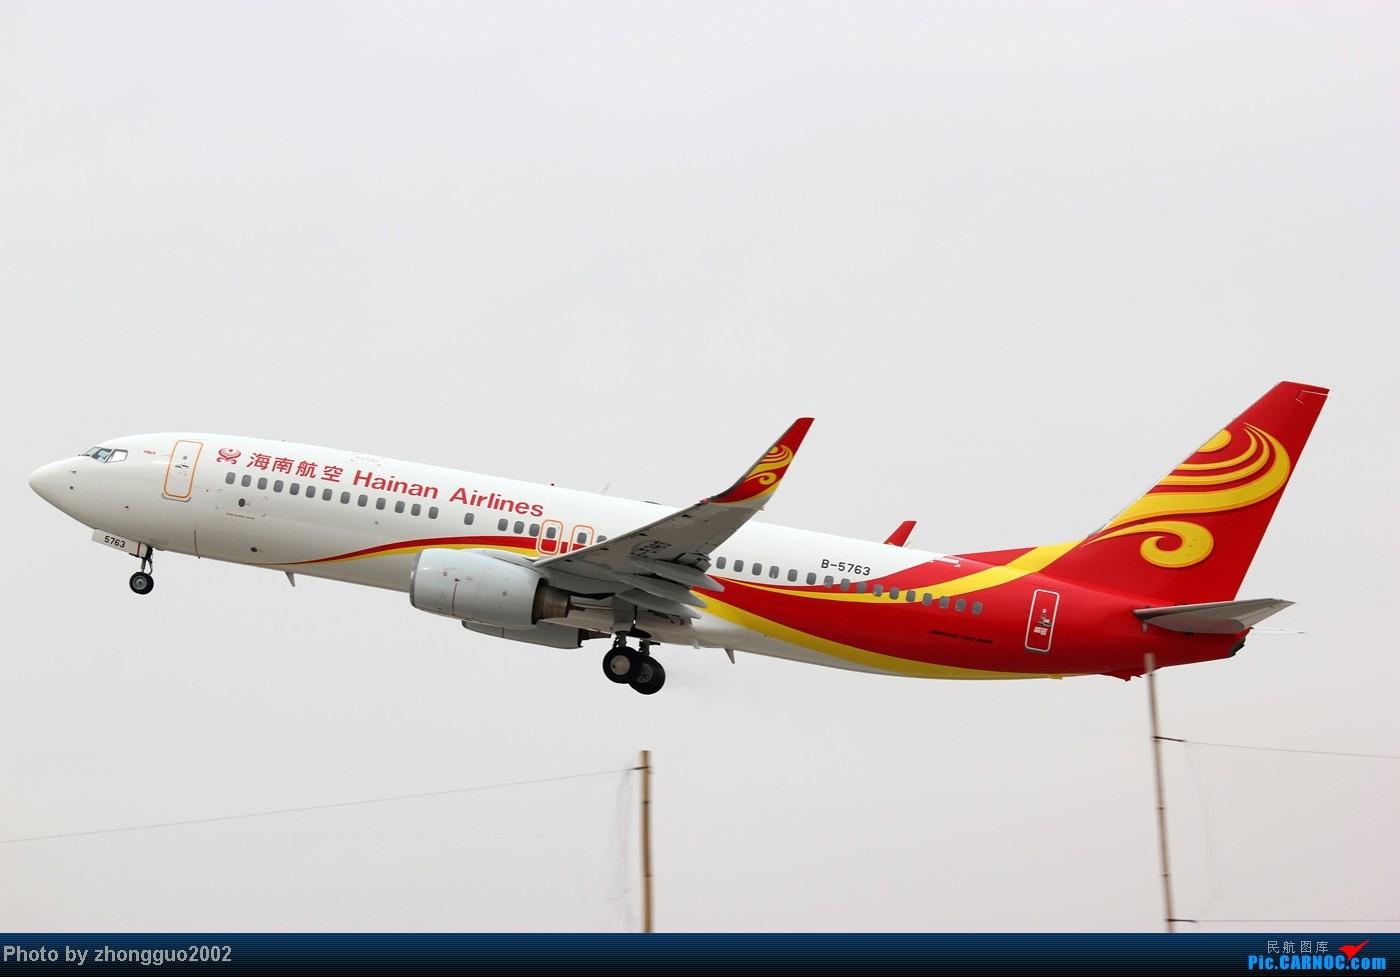 Re:[原创]长荣航空带小翼的321,东航6457小翼319,国航的新机子1947.1945,国航内蒙古号5226,新舟60,以及深圳、首都、西部等航空的飞机。 BOEING 737-800 B-5763 中国呼和浩特白塔机场